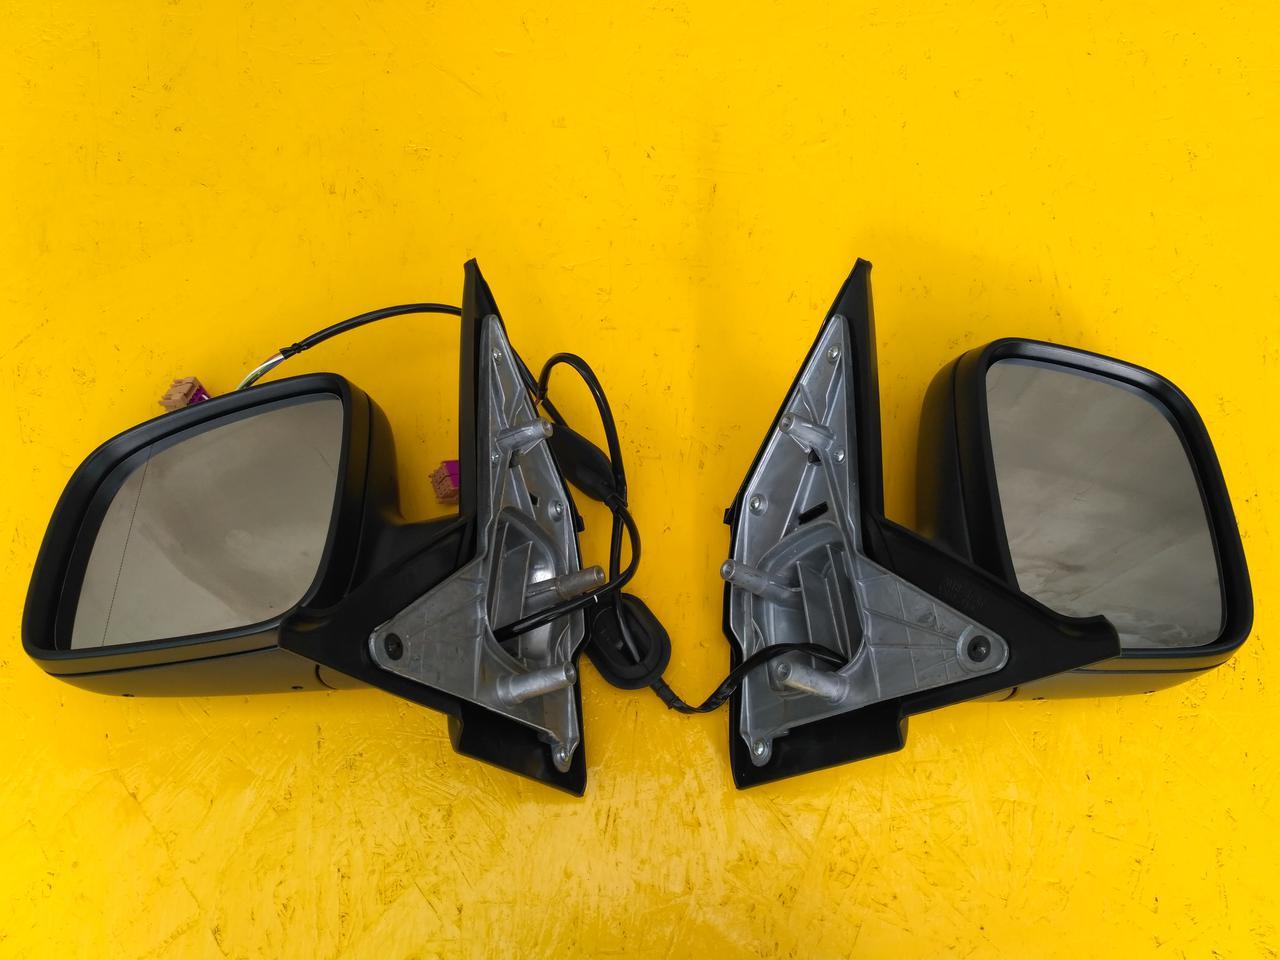 Зеркало заднего вида на фольксваген транспортер т5 купить вал рольганга